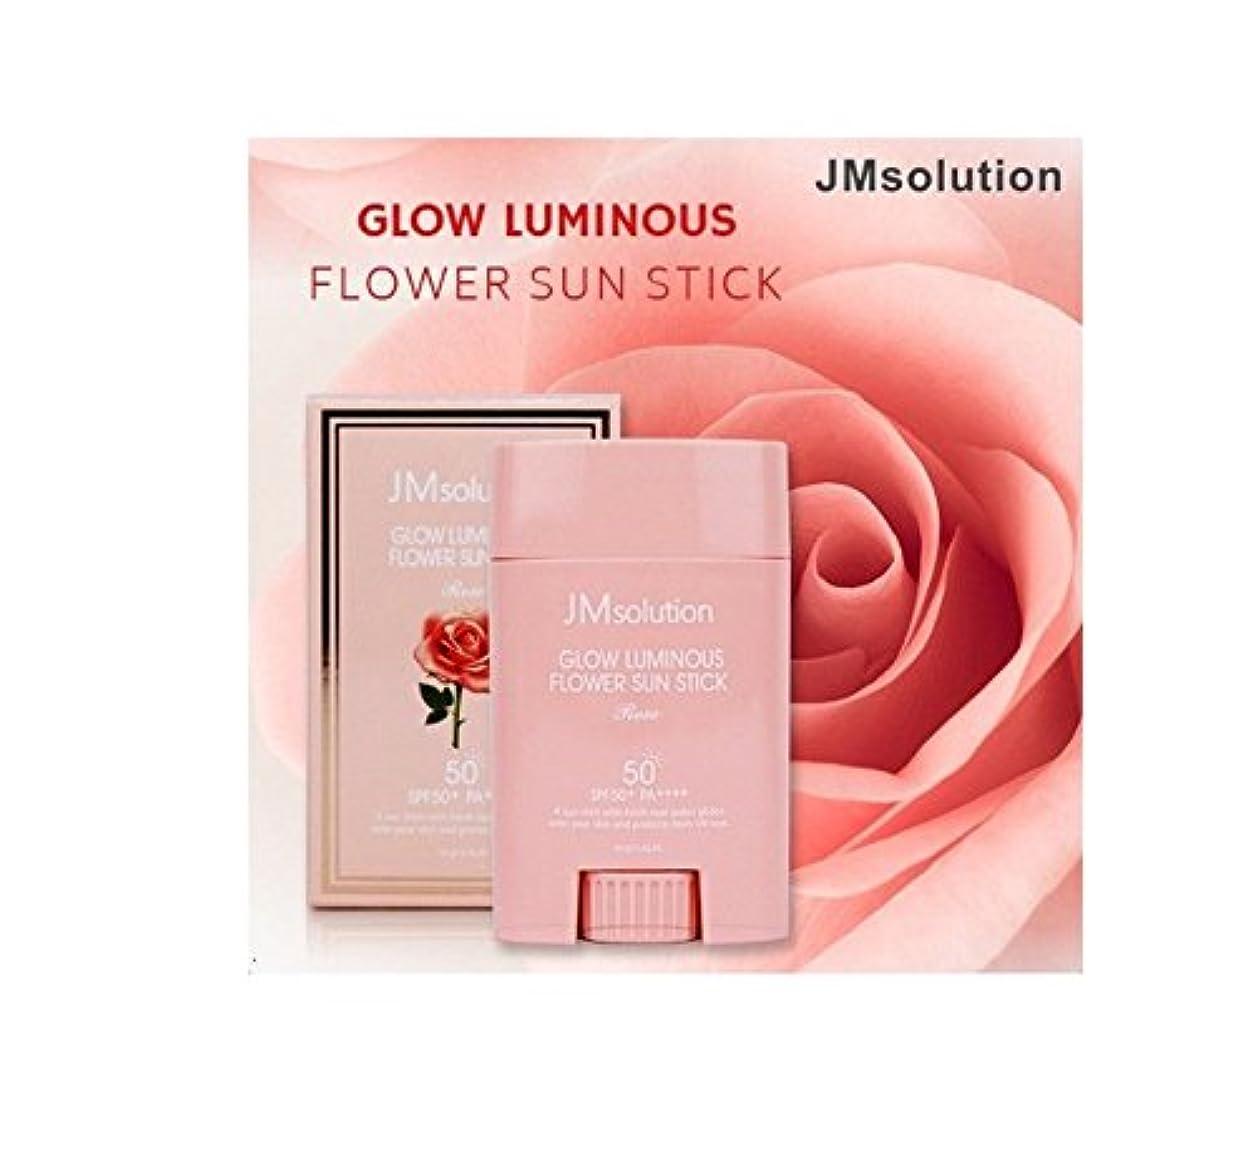 アクセント初期ペルメルJM Solution Glow Luminous Flower Sun Stick Rose 21g (spf50 PA) 光る輝く花Sun Stick Rose